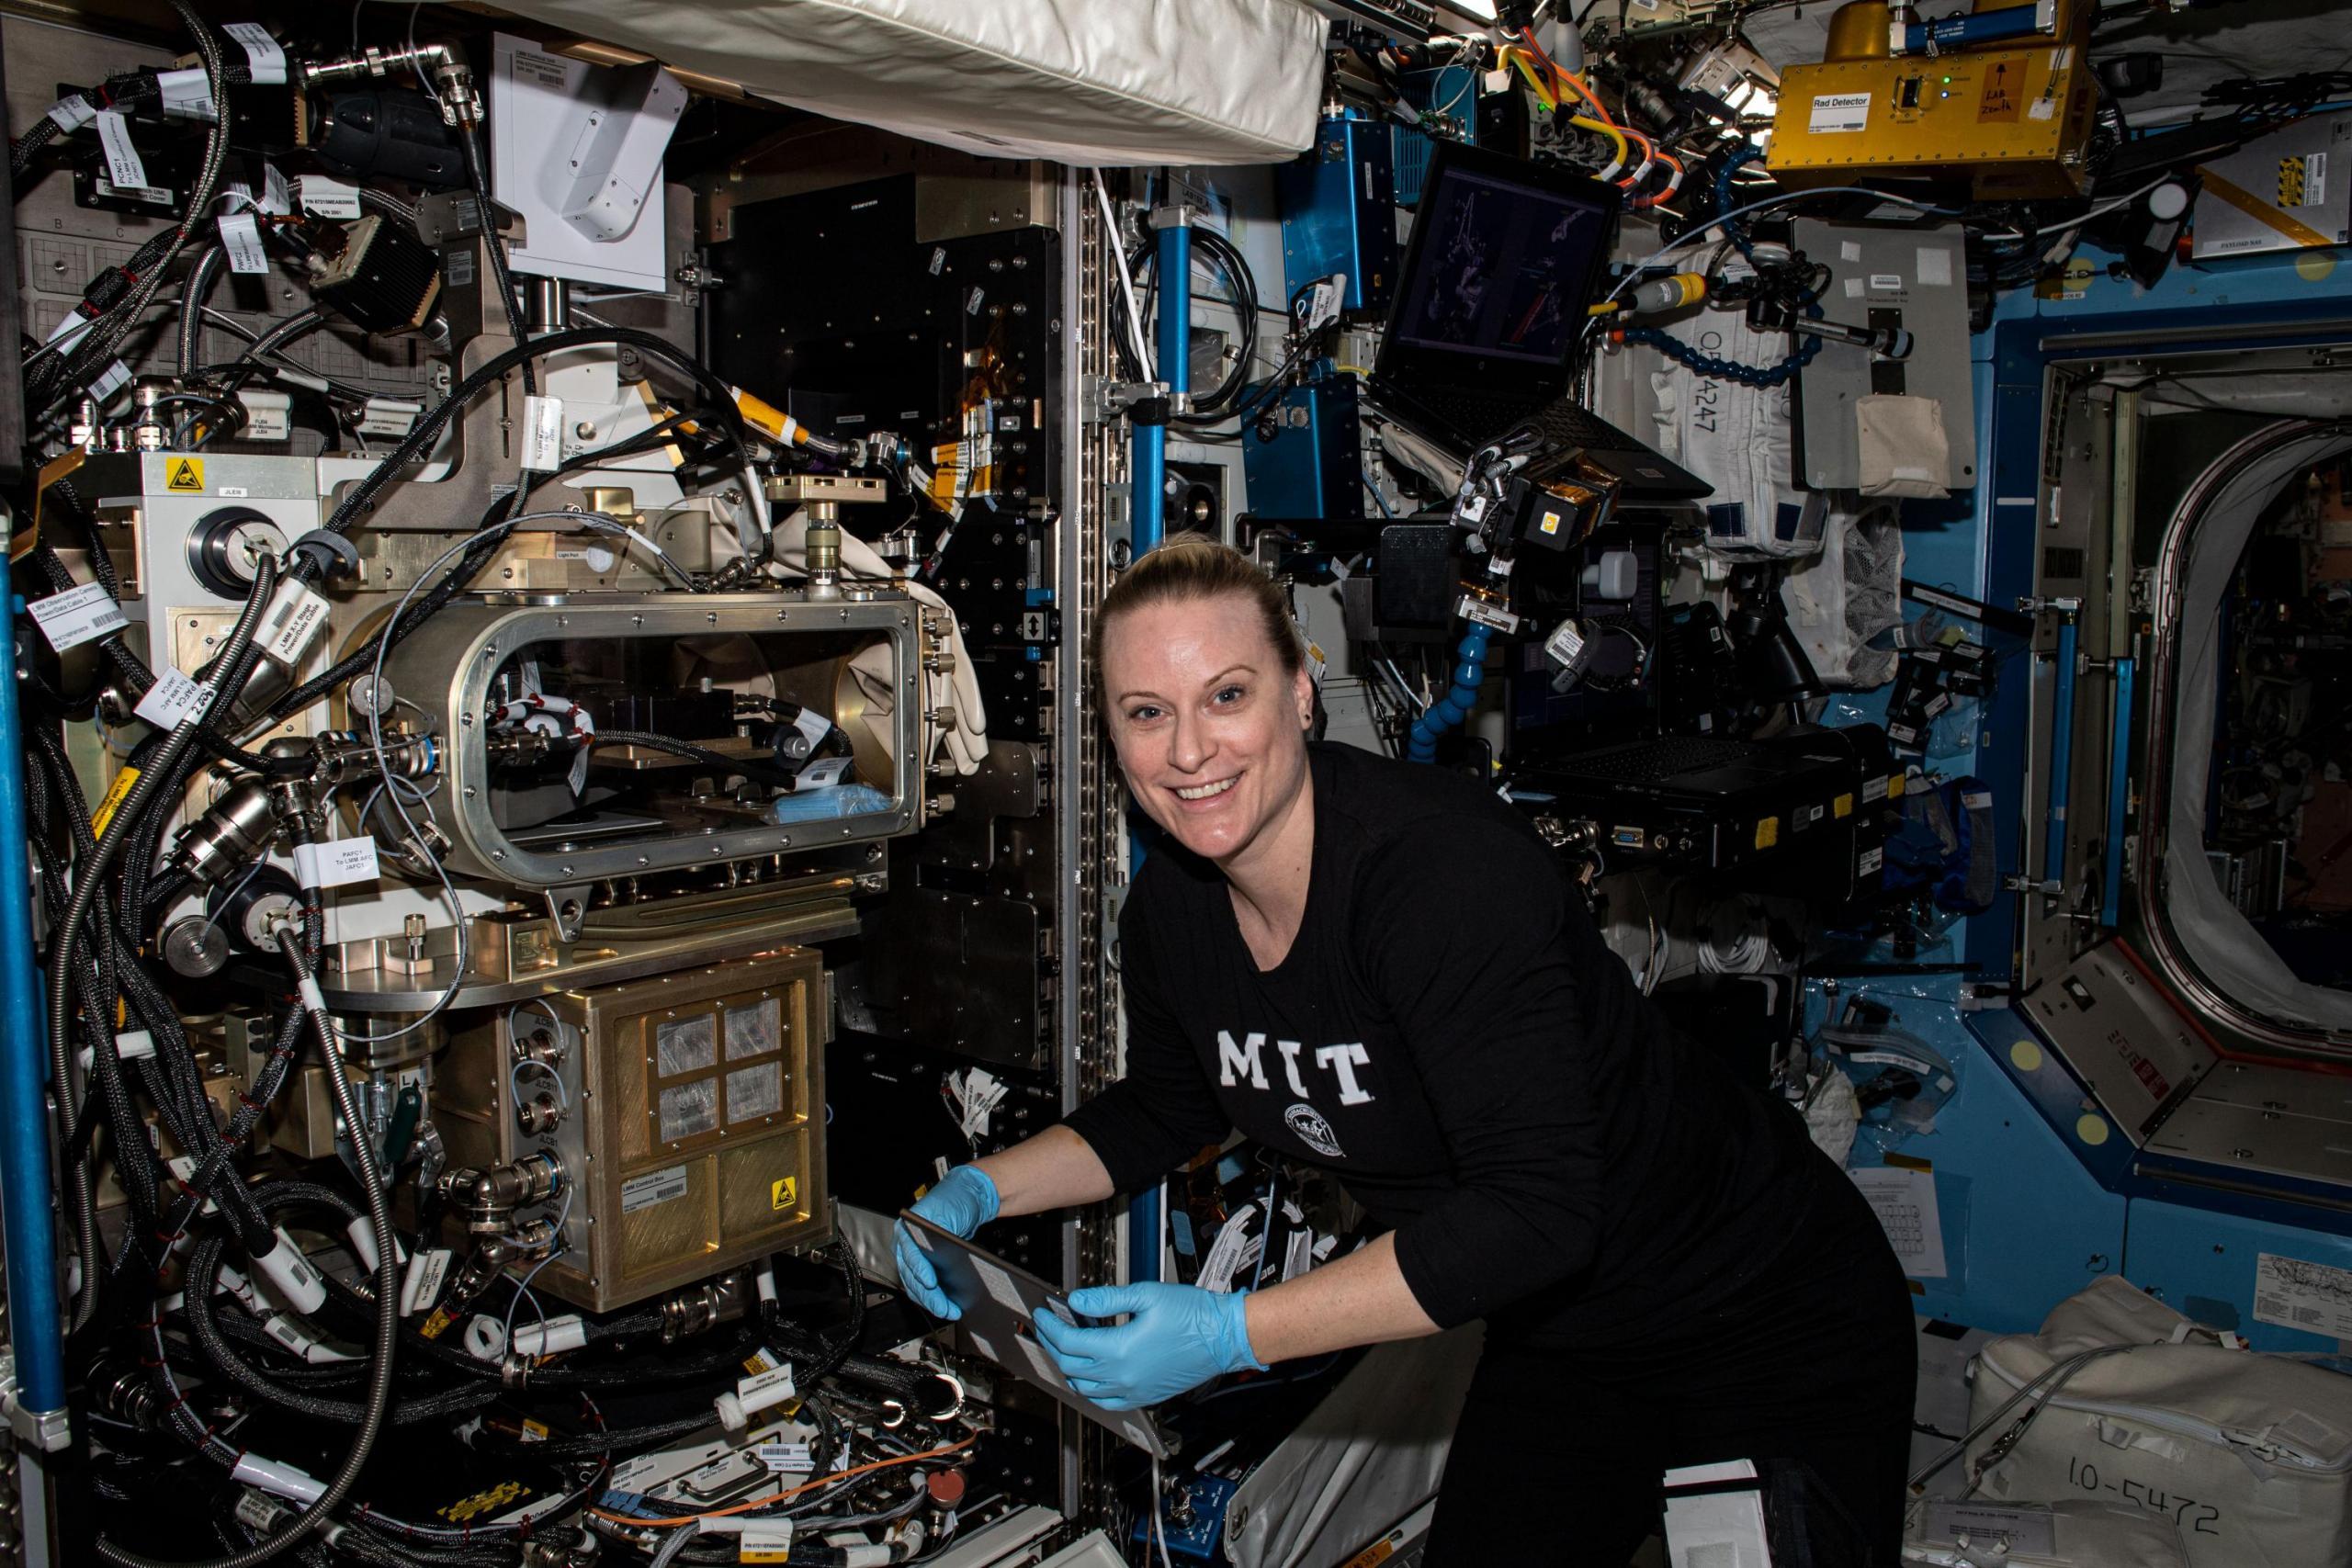 imagen de una astronauta trabajando con una investigación